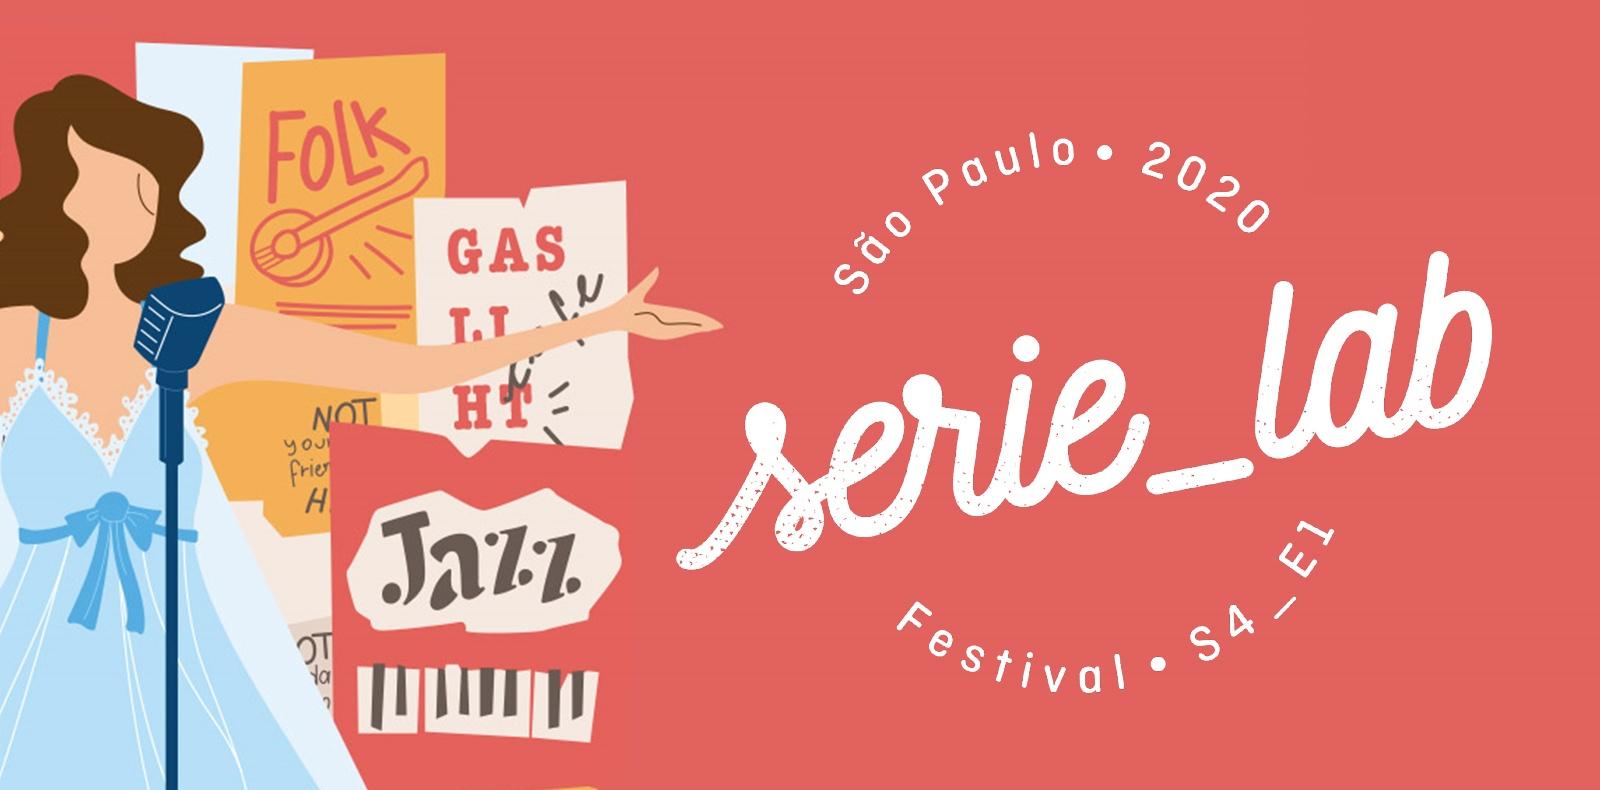 Serie_Lab Festival reúne criadores de  séries em evento online